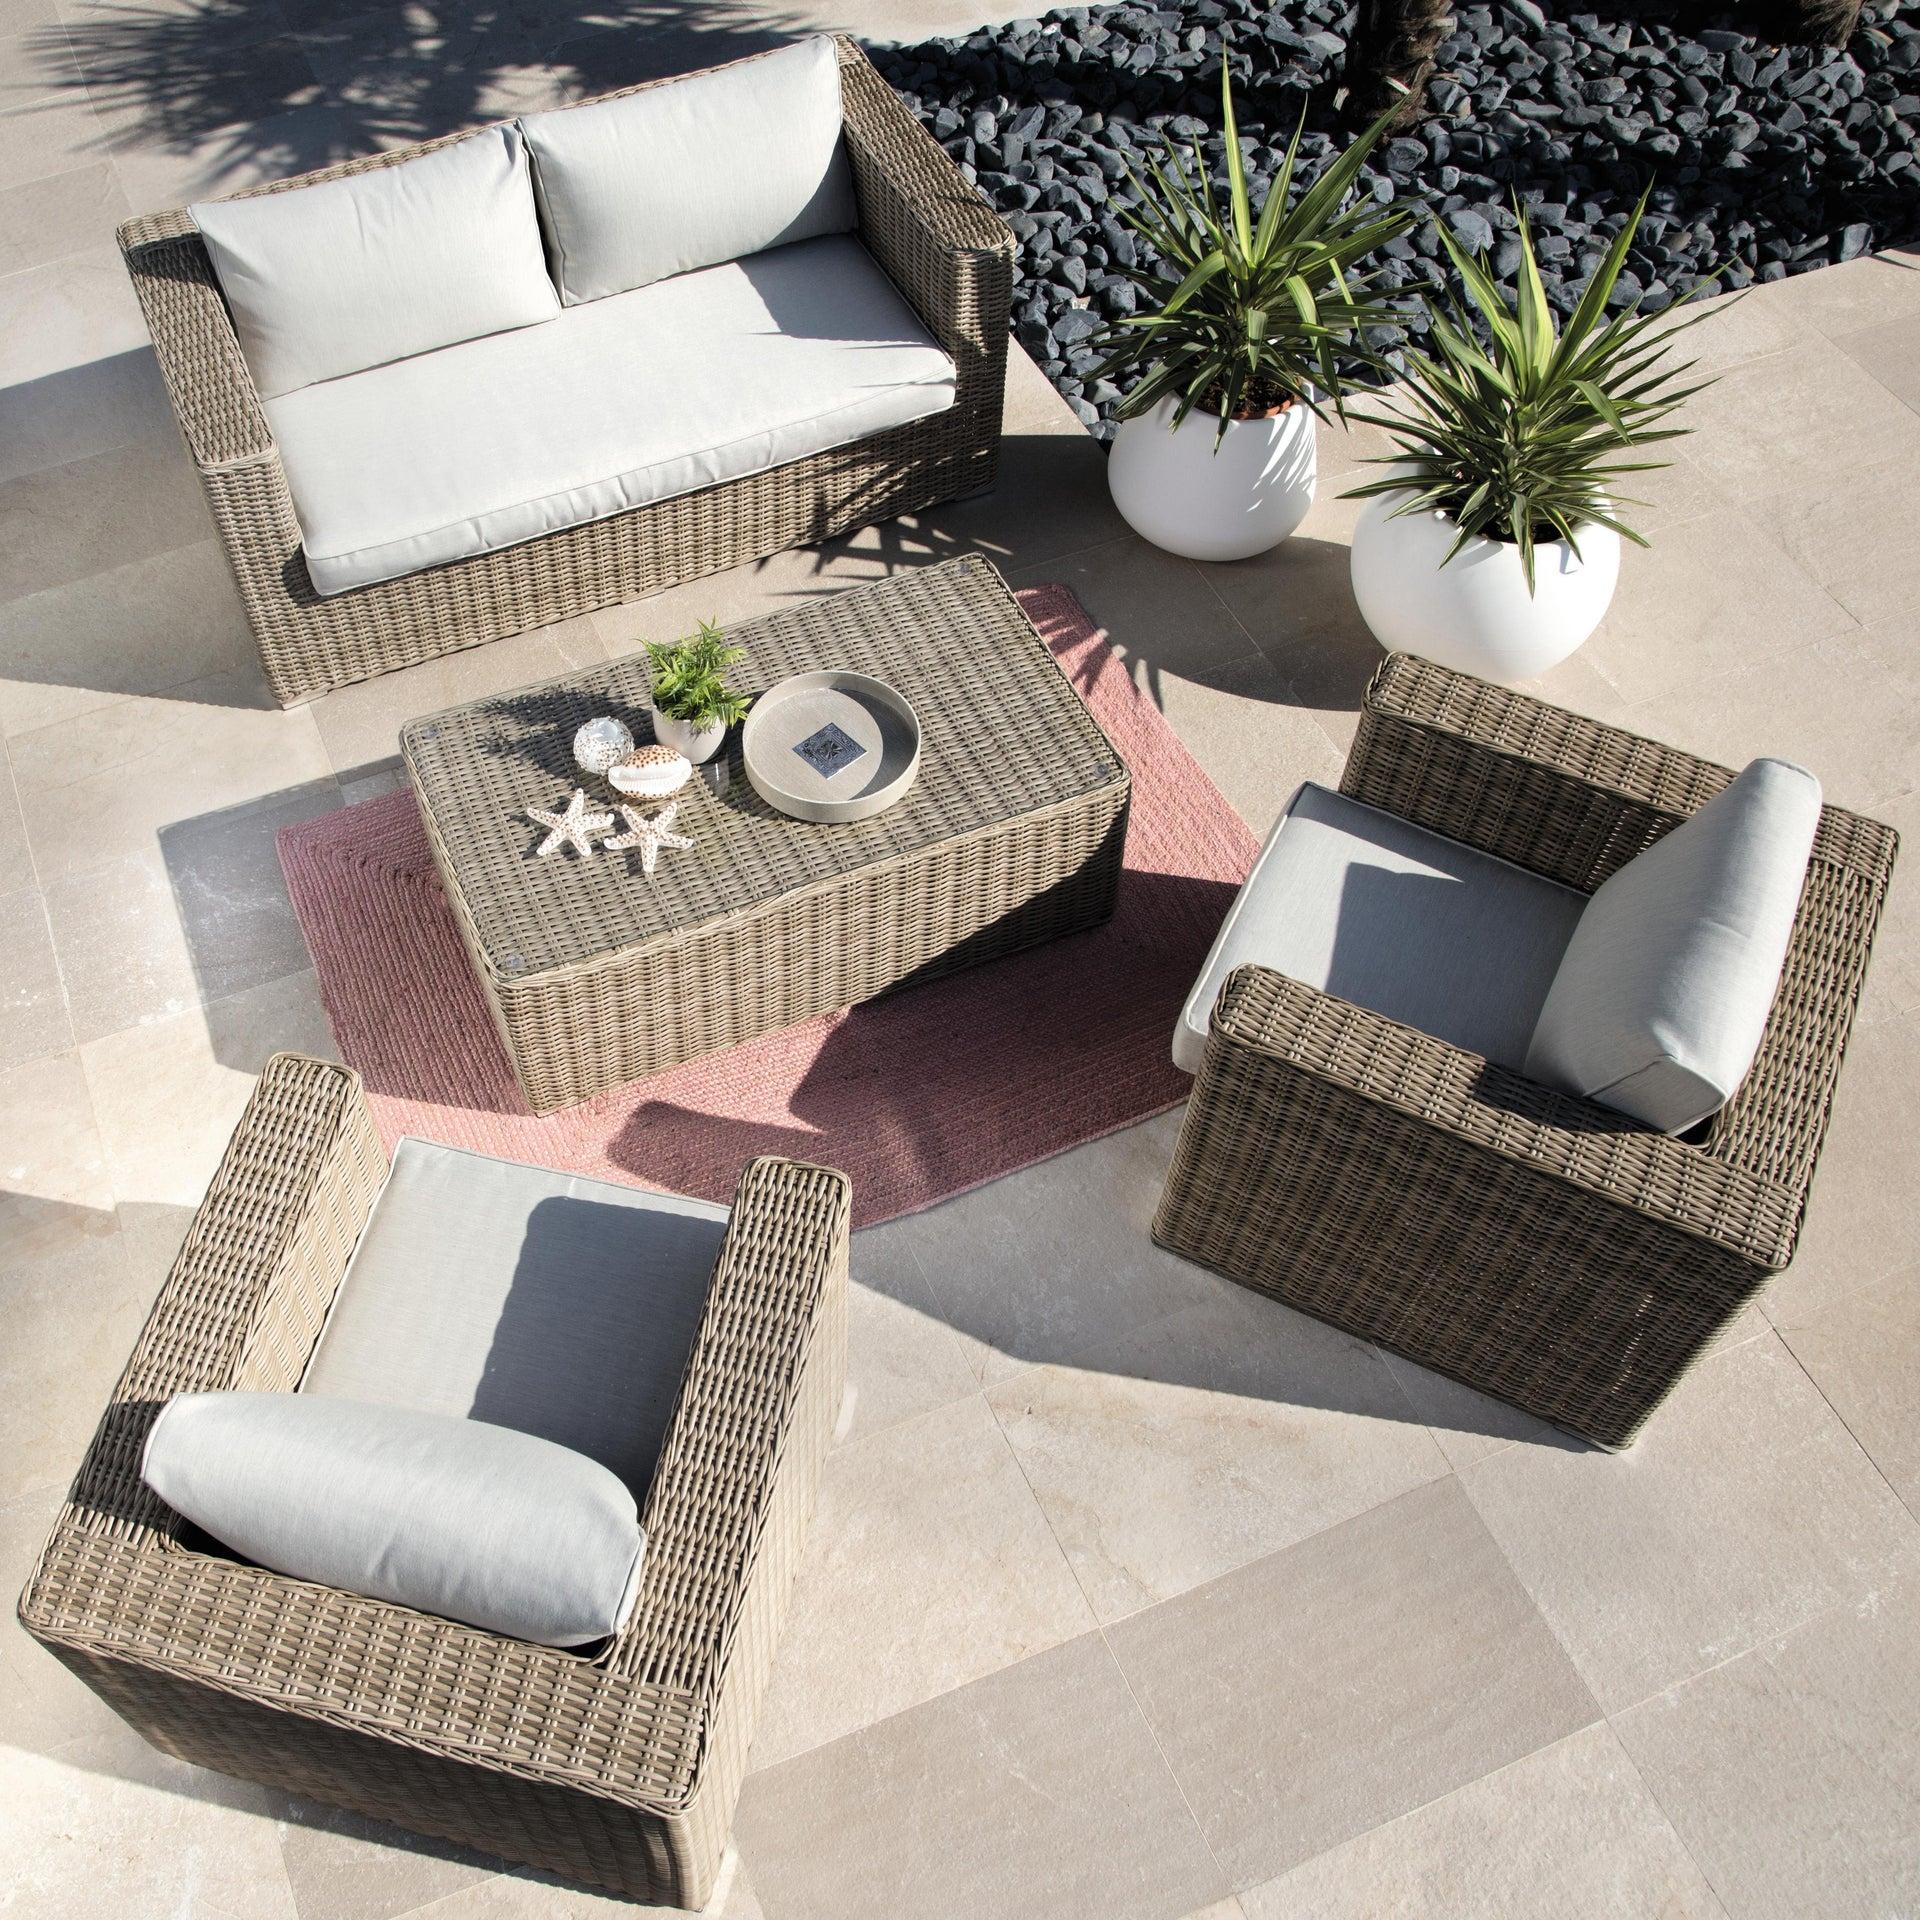 Tavolino da giardino rettangolare Costarica NATERIAL con piano in vetro L 60 x P 112 cm - 6